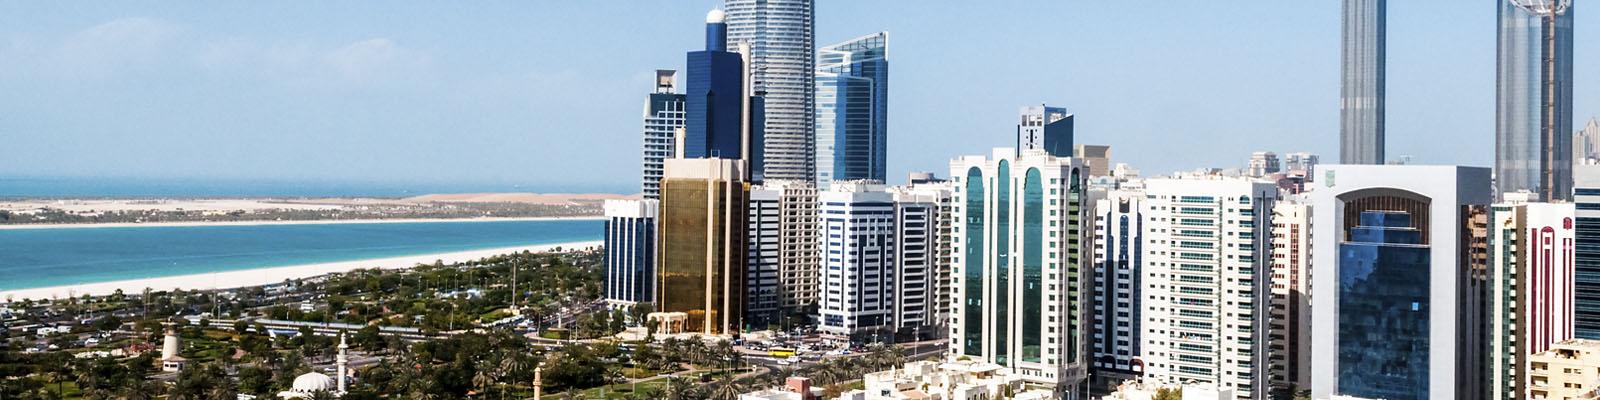 Abu-Dhabi-635760103407136342